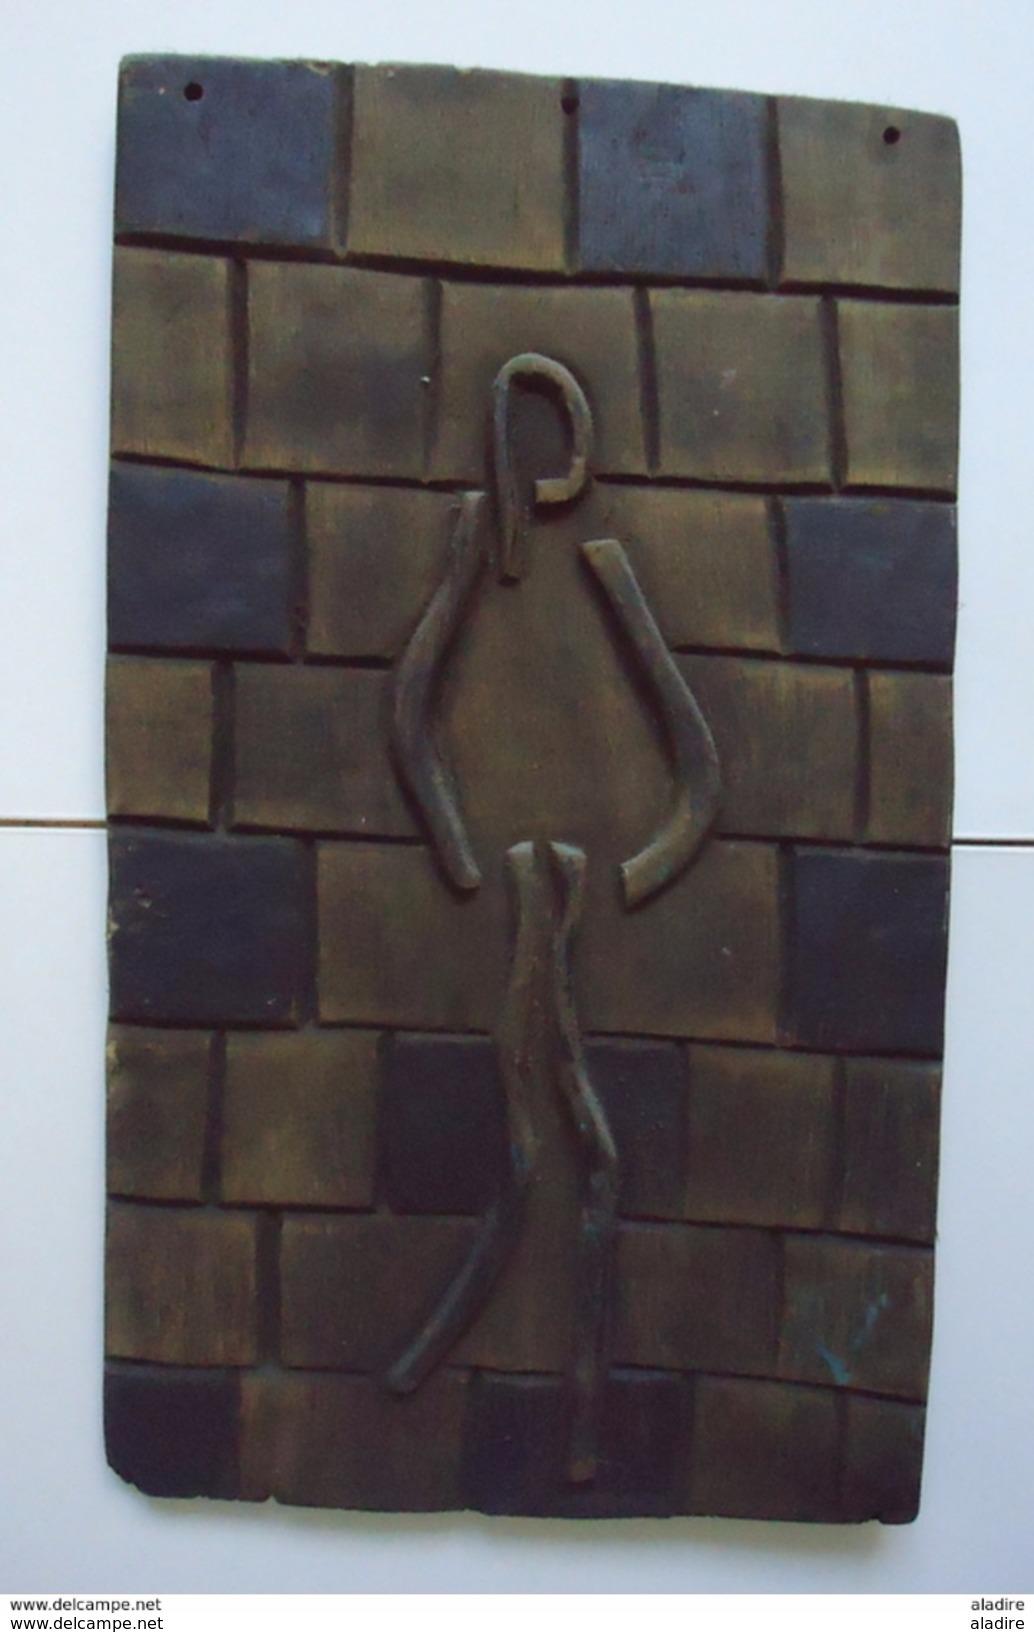 Mohamed Kifumu, Planche, Congo - Afrique Centrale 2002 - Largeur 29 Cm - Hauteur 50 Cm - Poids 1600 Grammes - Art Africain